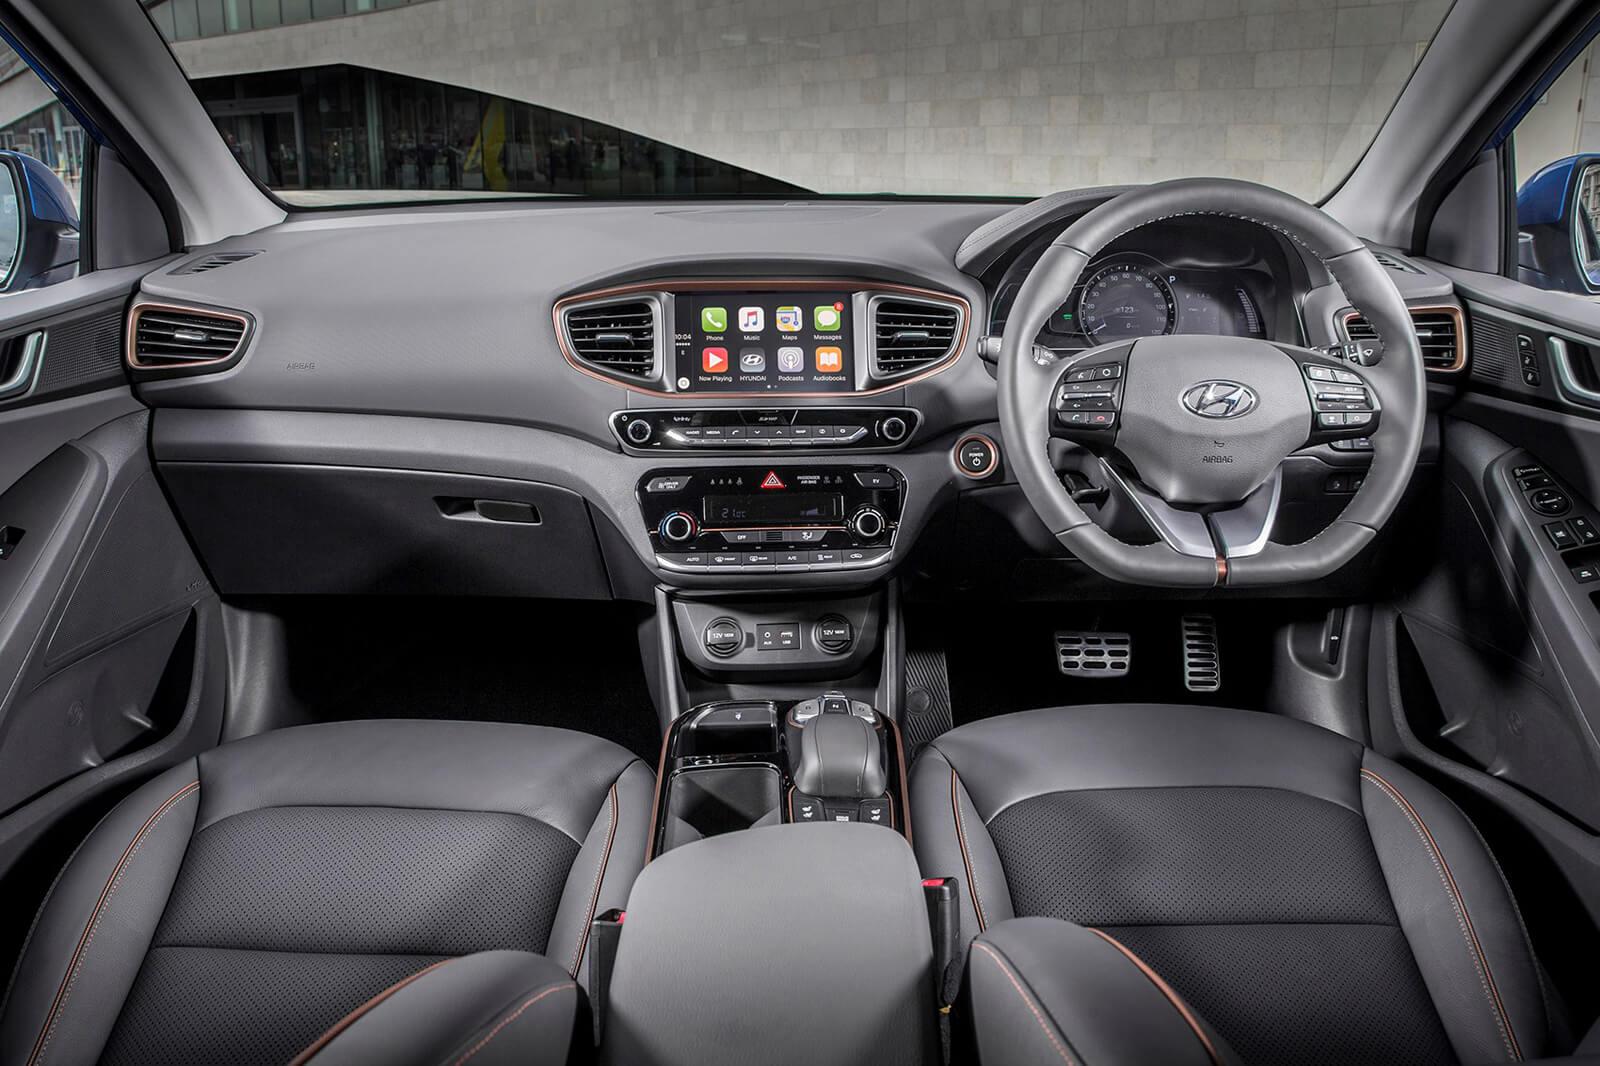 Hyundai Ioniq Electric Interior Front